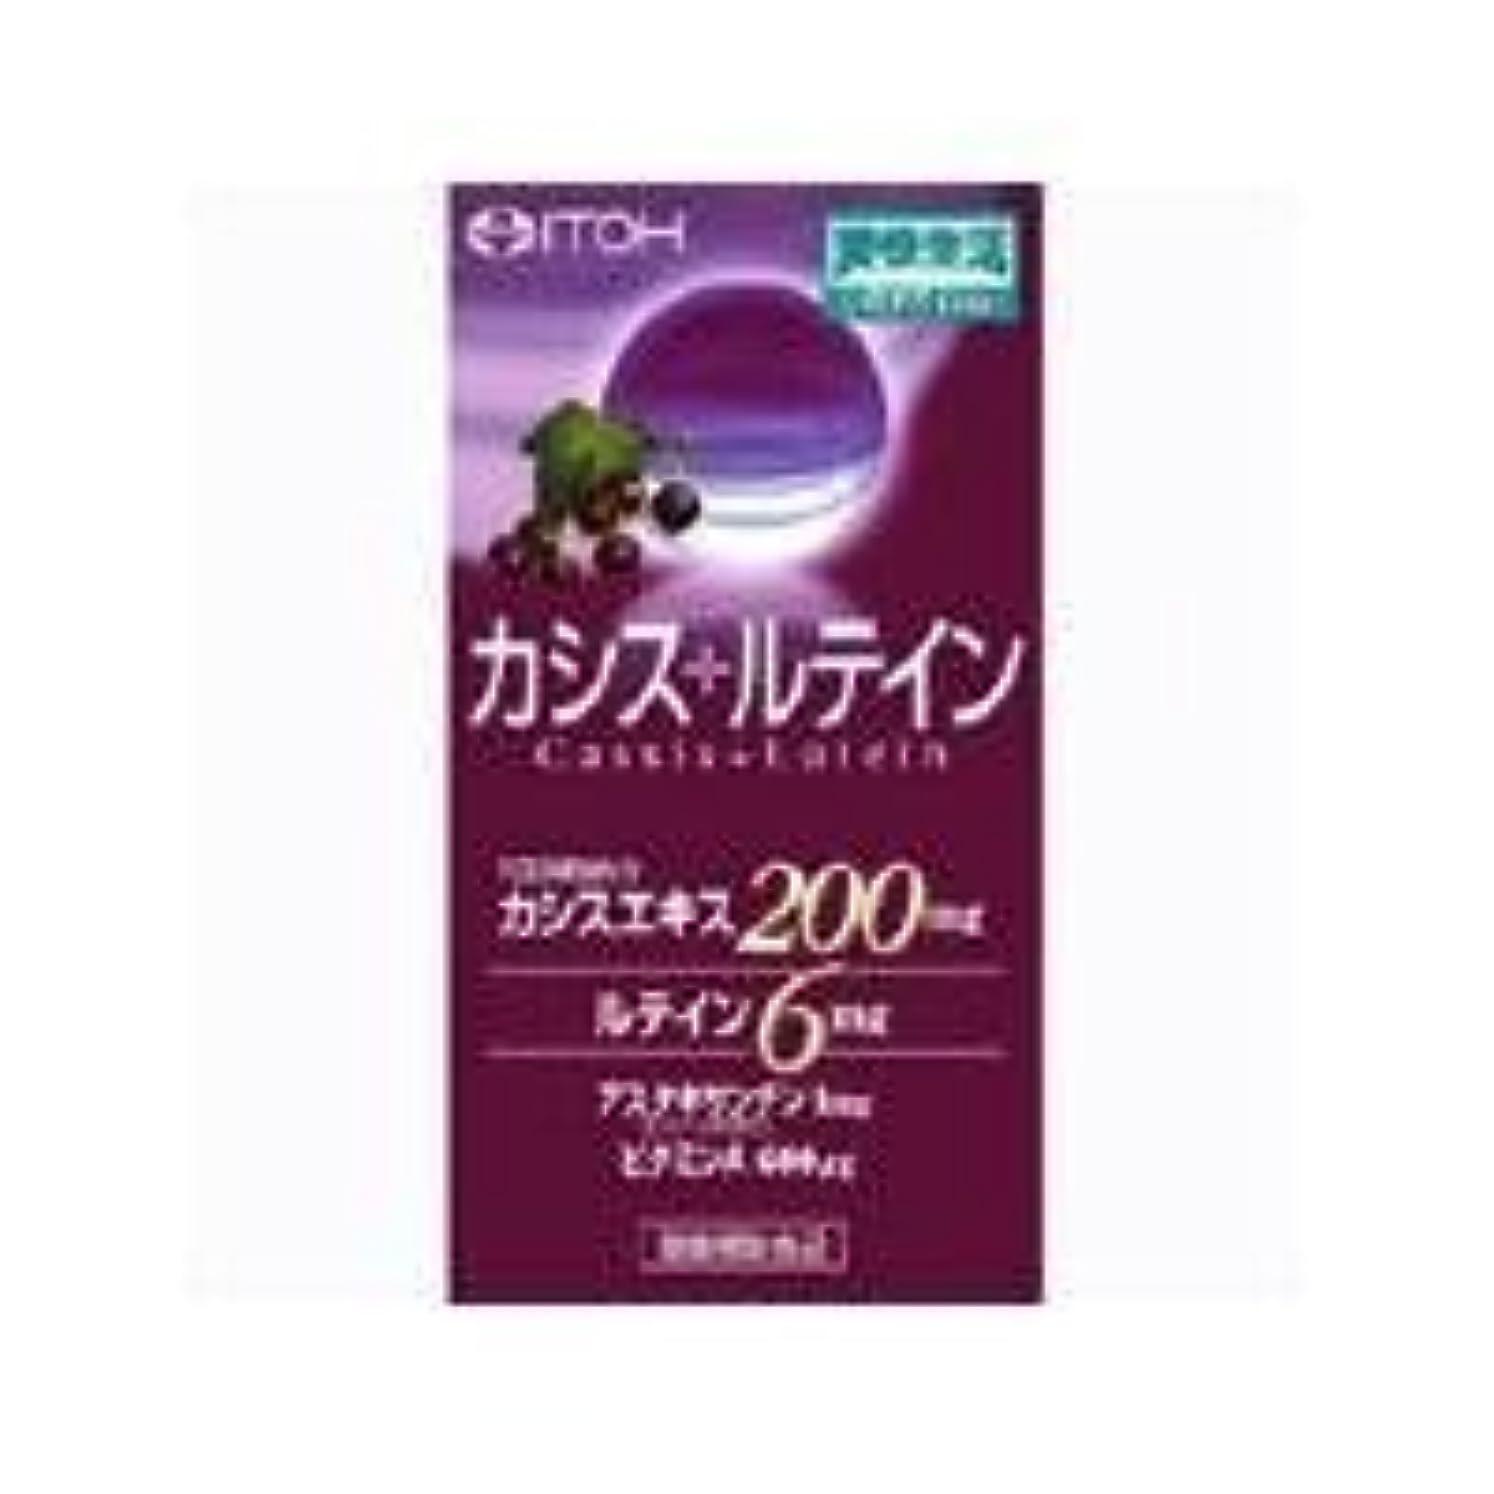 第二含意キュービック井藤漢方製薬 カシス+ルテイン 300mg×60球 2個セット